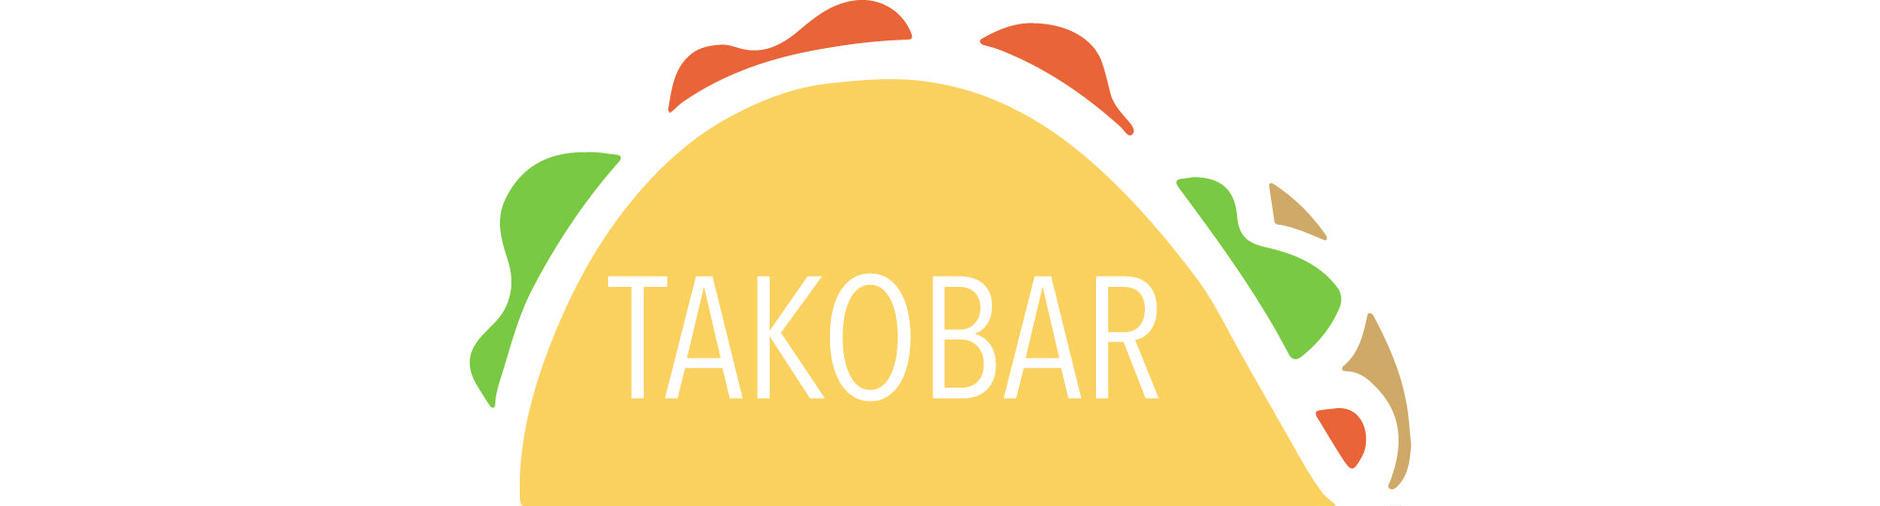 TAKOBAR